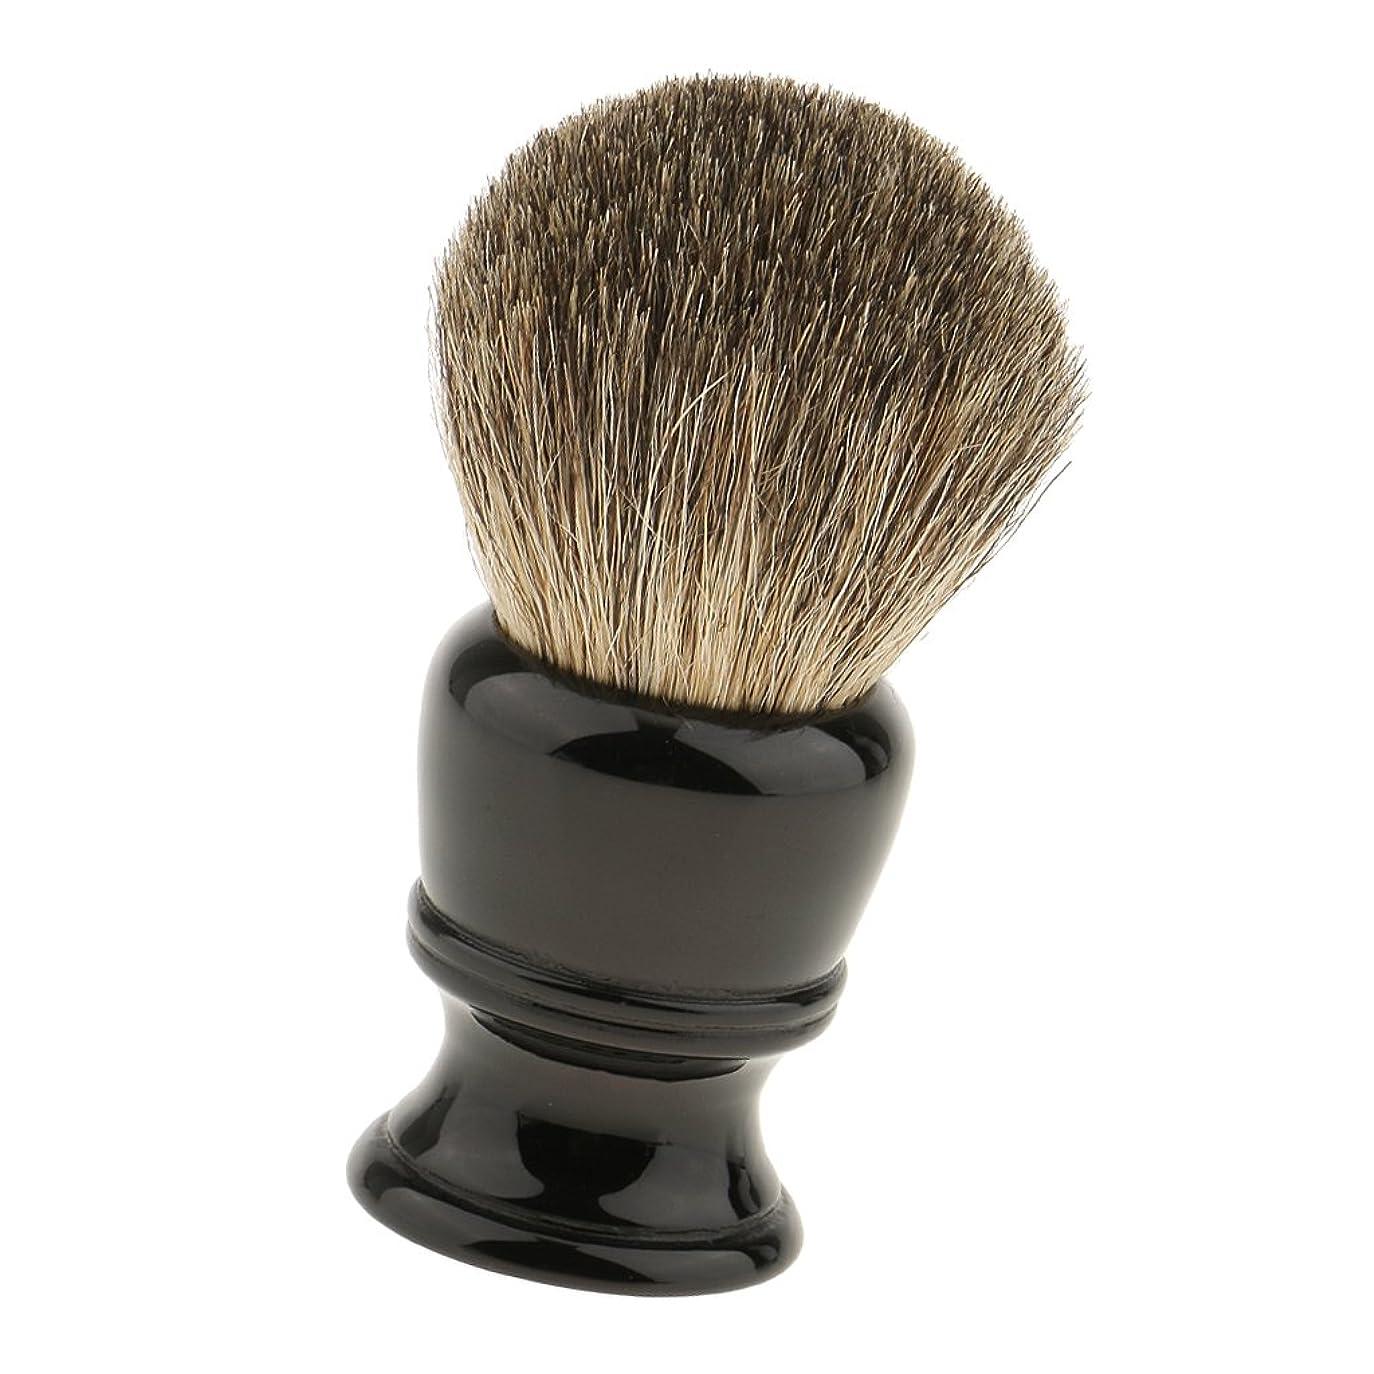 承知しました姉妹予想外dailymall 樹脂ハンドルシェービングブラシホーム理容サロンツール旅行ポータブルキットの男性のひげ剃り